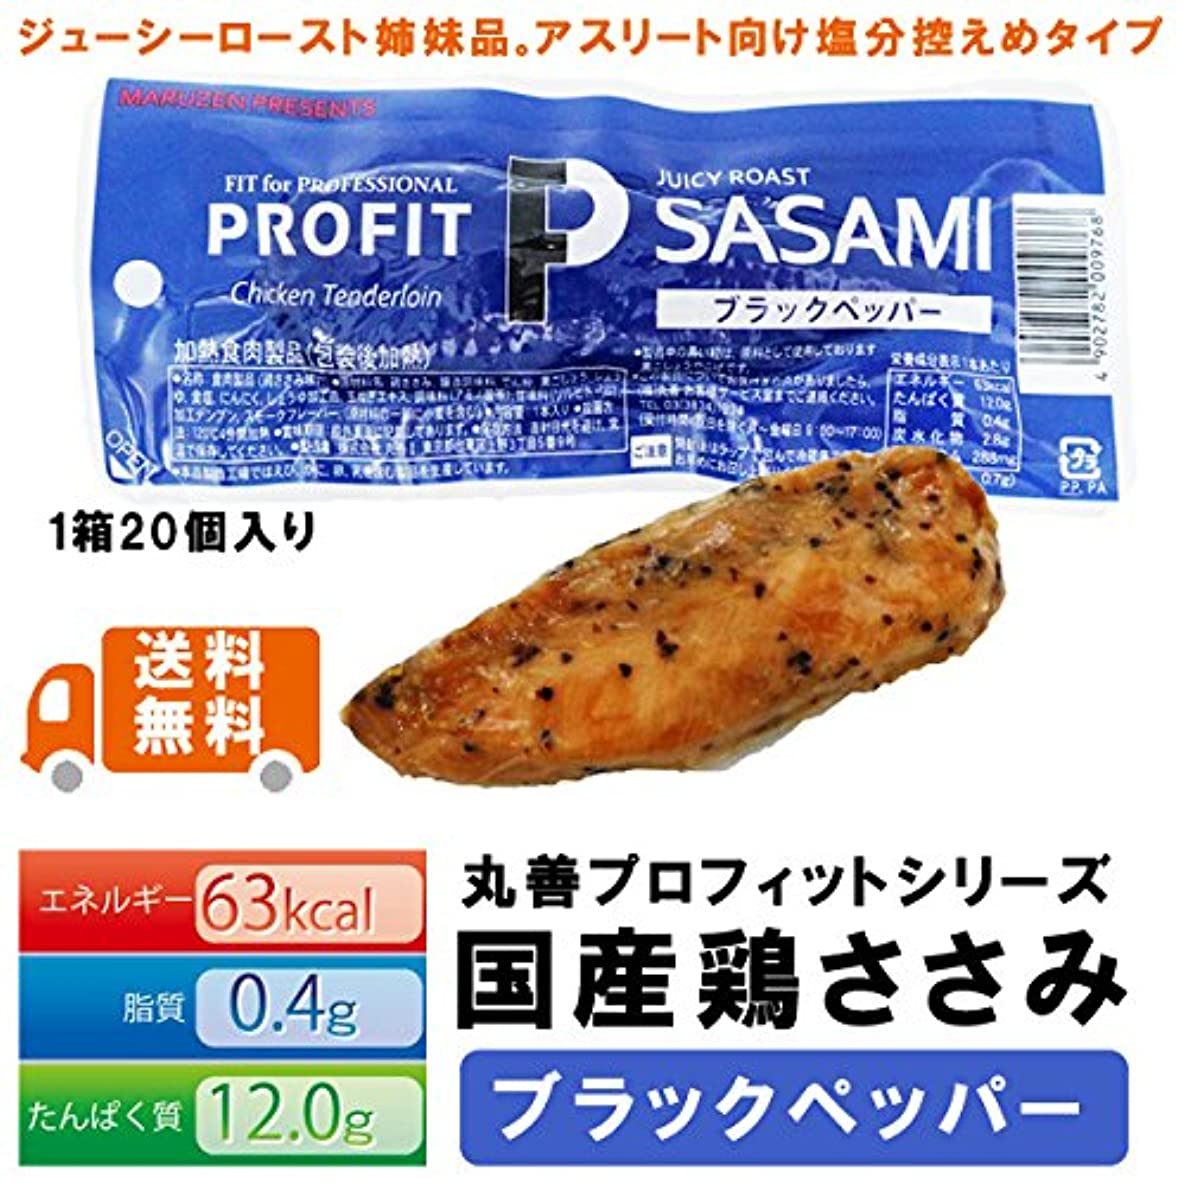 第九明るい桃丸善 PRO-FIT プロフィットささみ 鶏ささみ ブラックペッパー 1箱20本入り